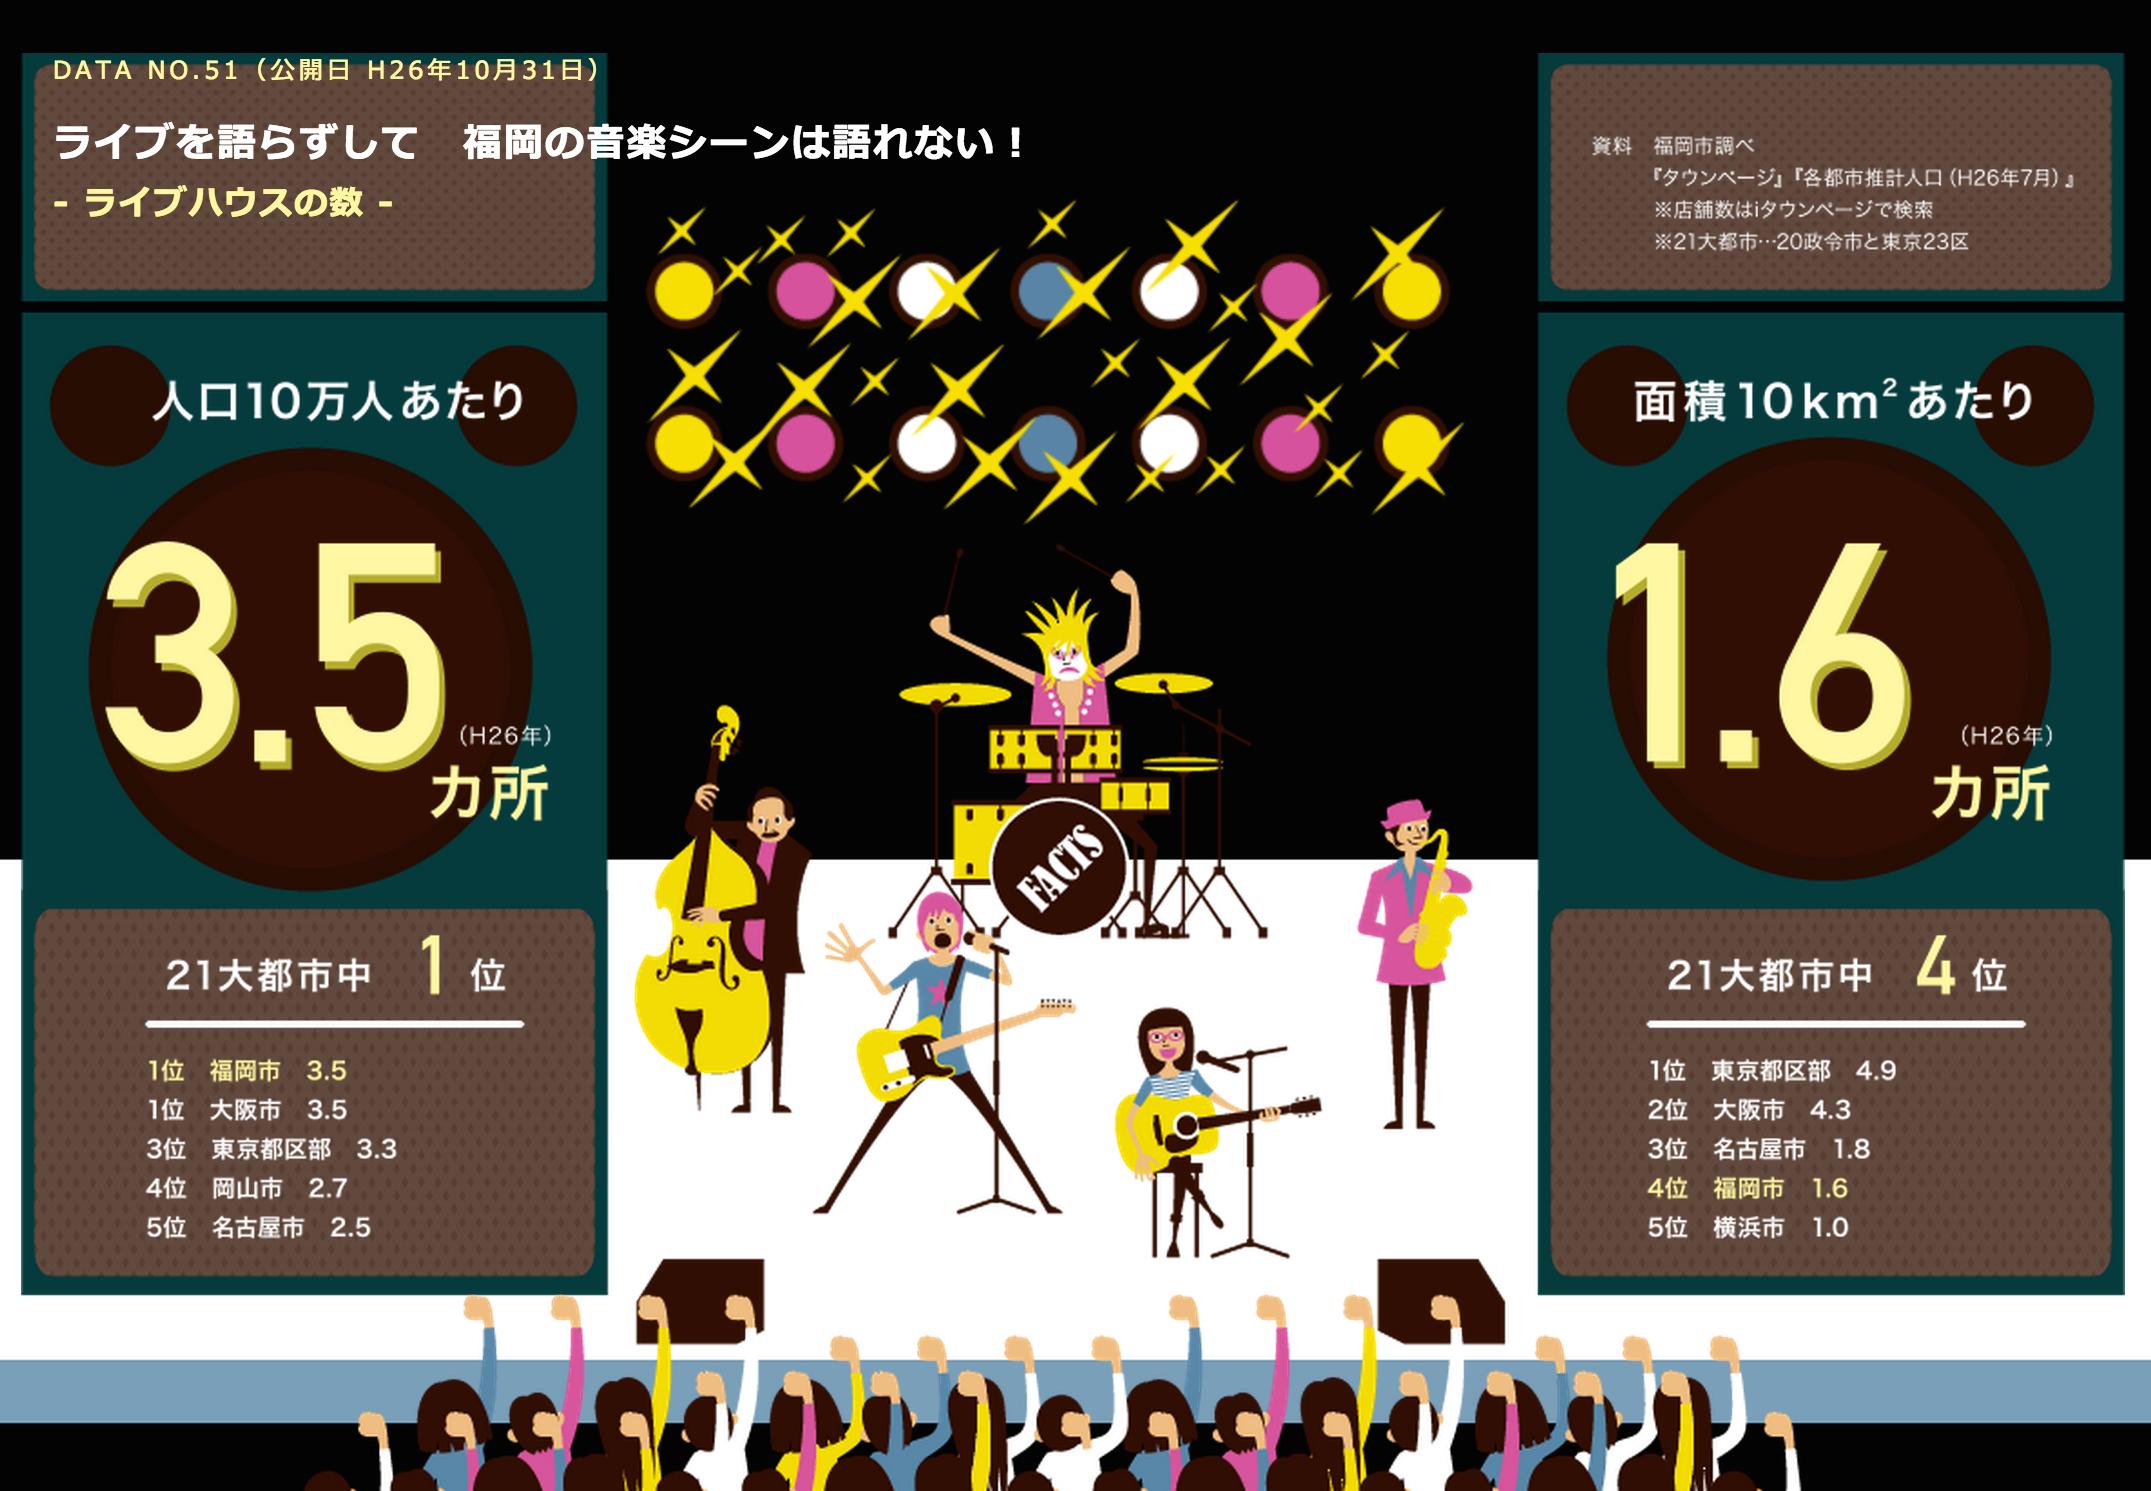 福岡のライブハウスの数